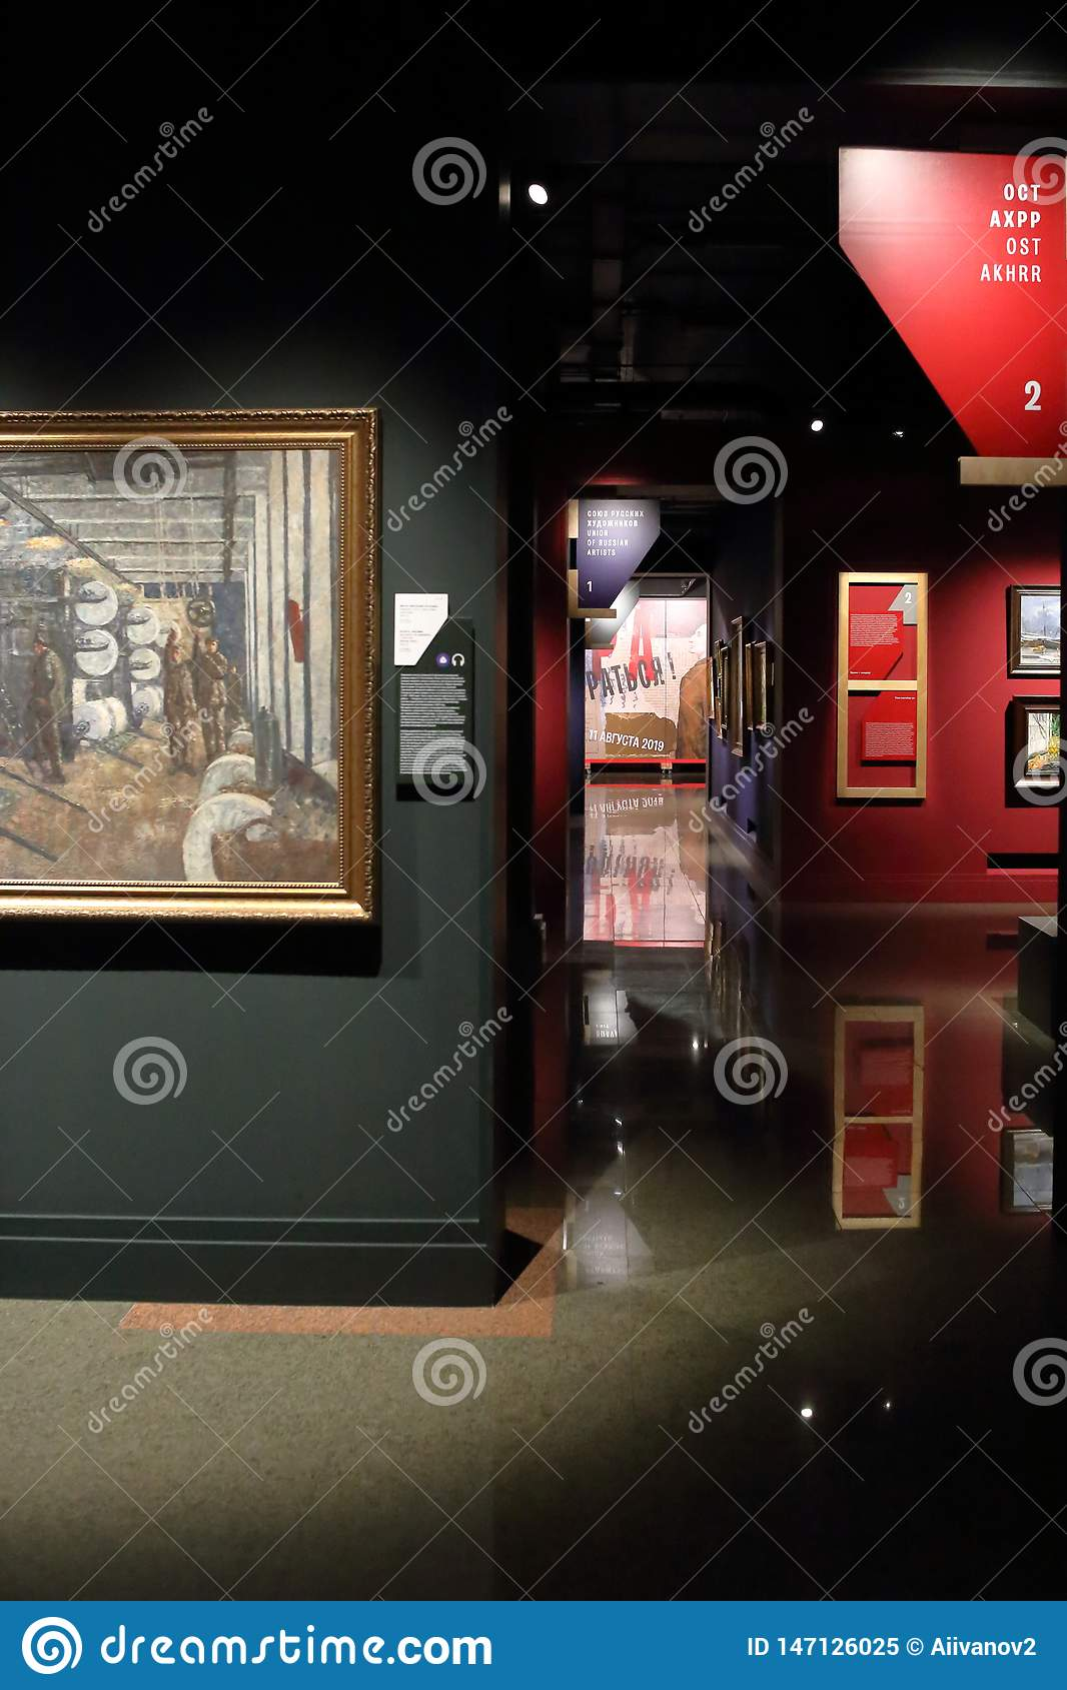 The interior of IRRA, private art museum